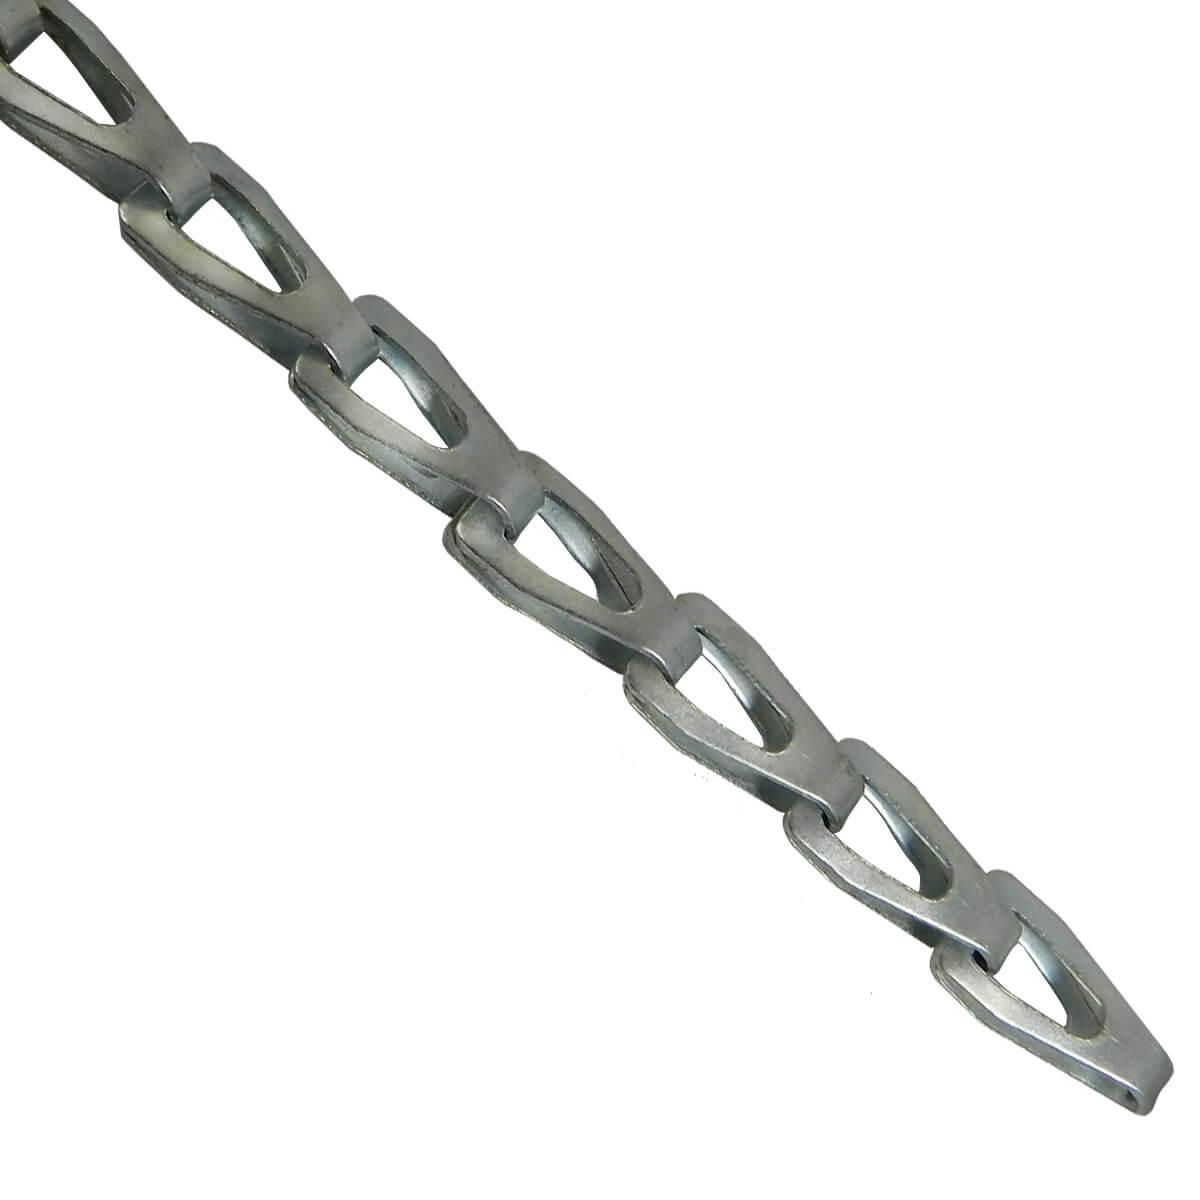 Sash Chain - #35 - Price / ft